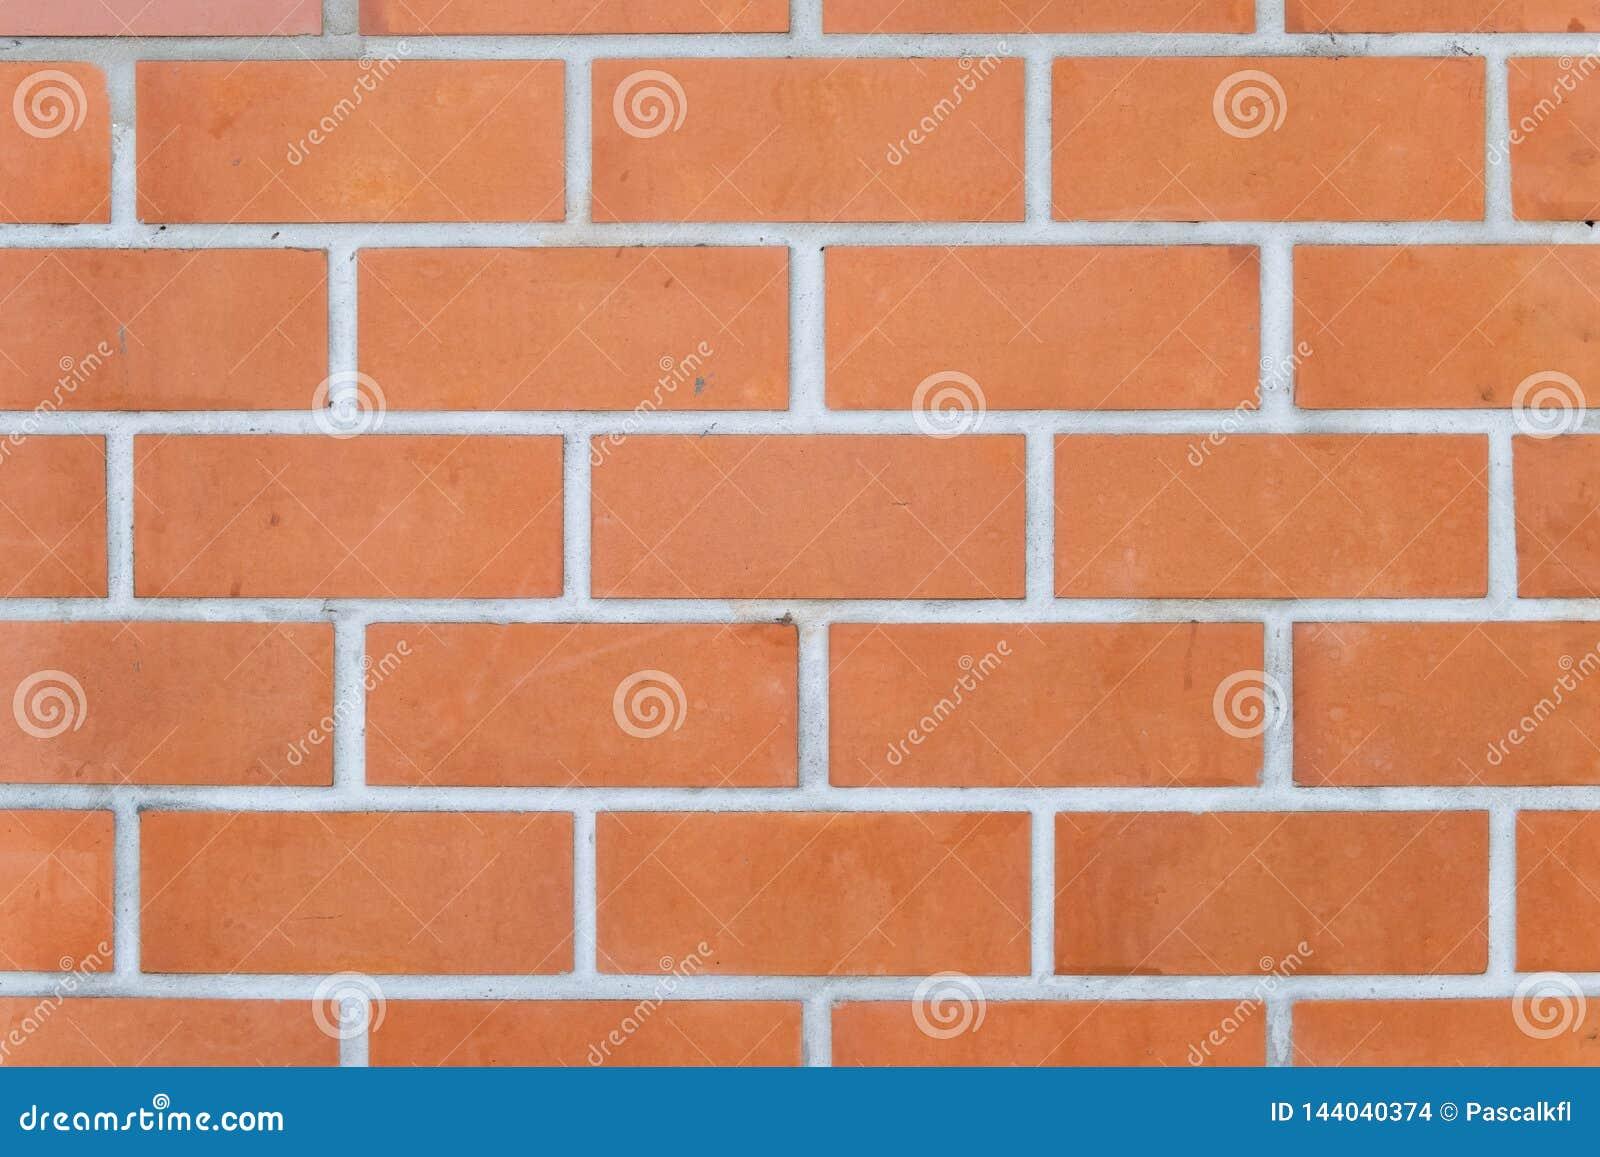 Современная предпосылка текстуры кирпичной стены, графический ресурс